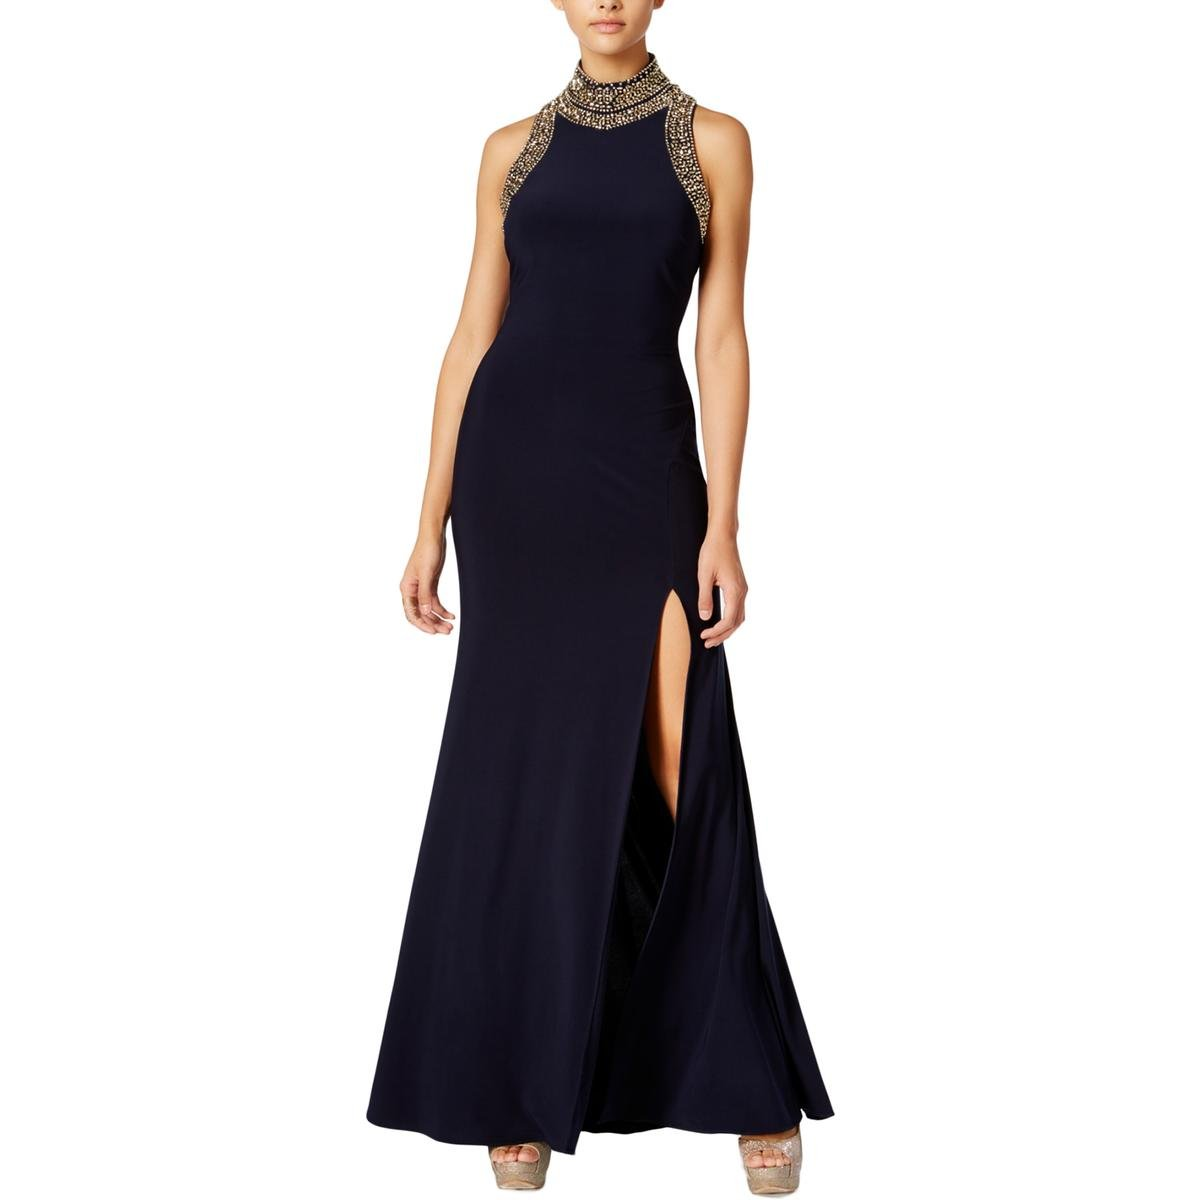 Blondie Nites Womens Embellished Mock-Neck Formal Dress Navy 13